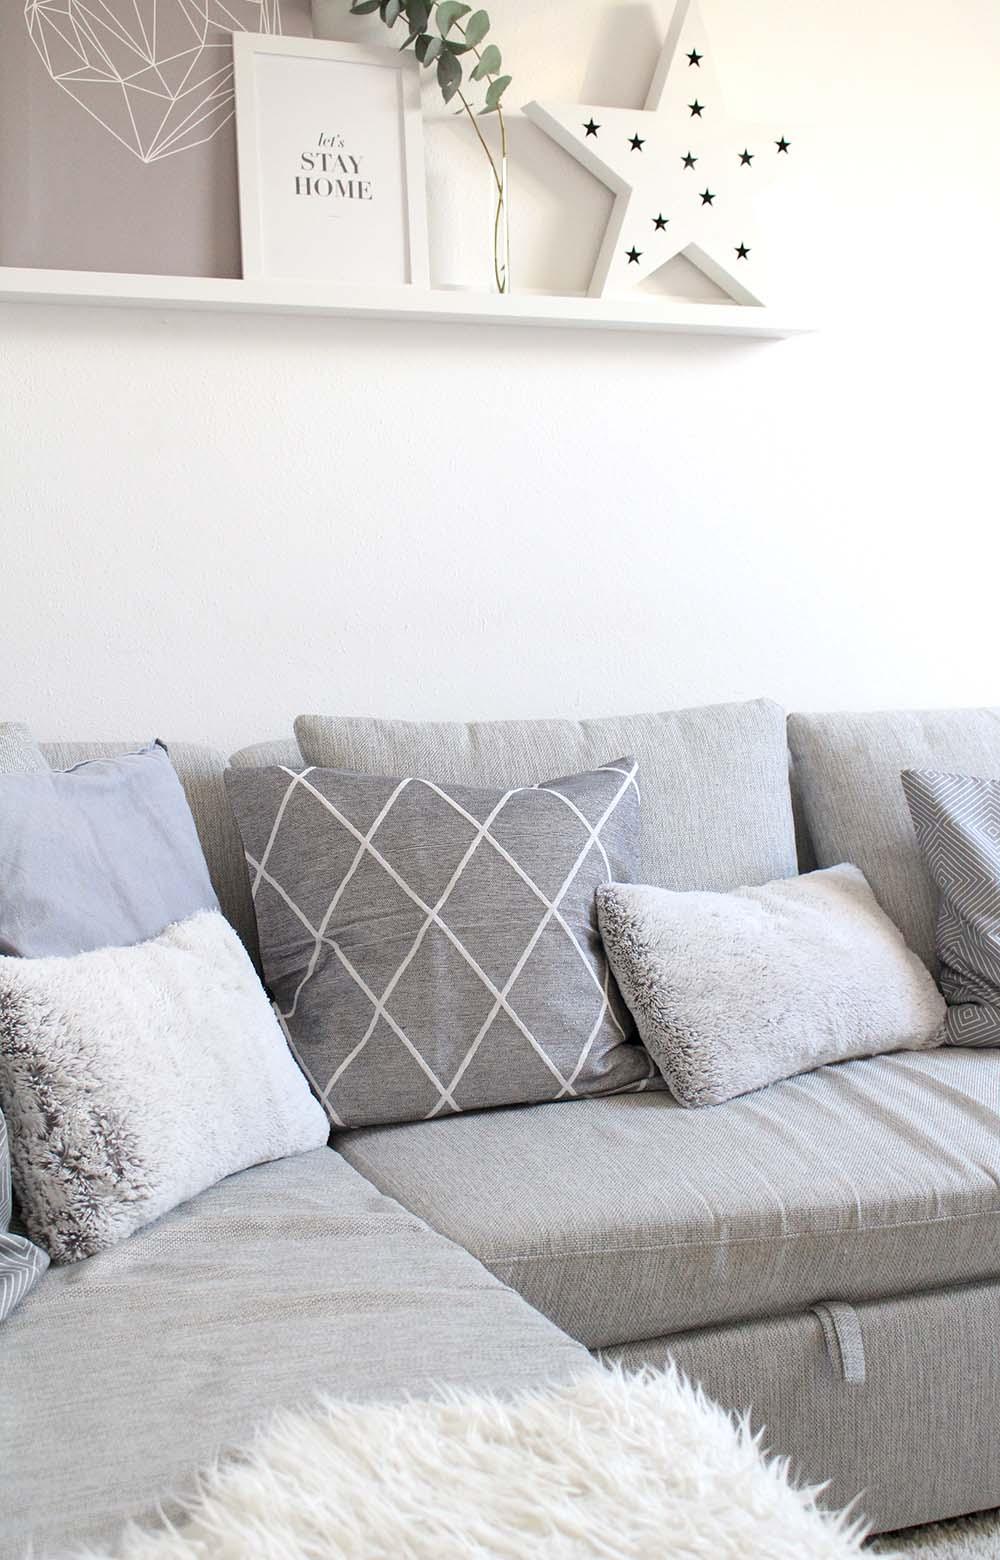 Wohnzimmer weihnachtlich dekorieren - 3 einfache Tipps - provinzkindchen